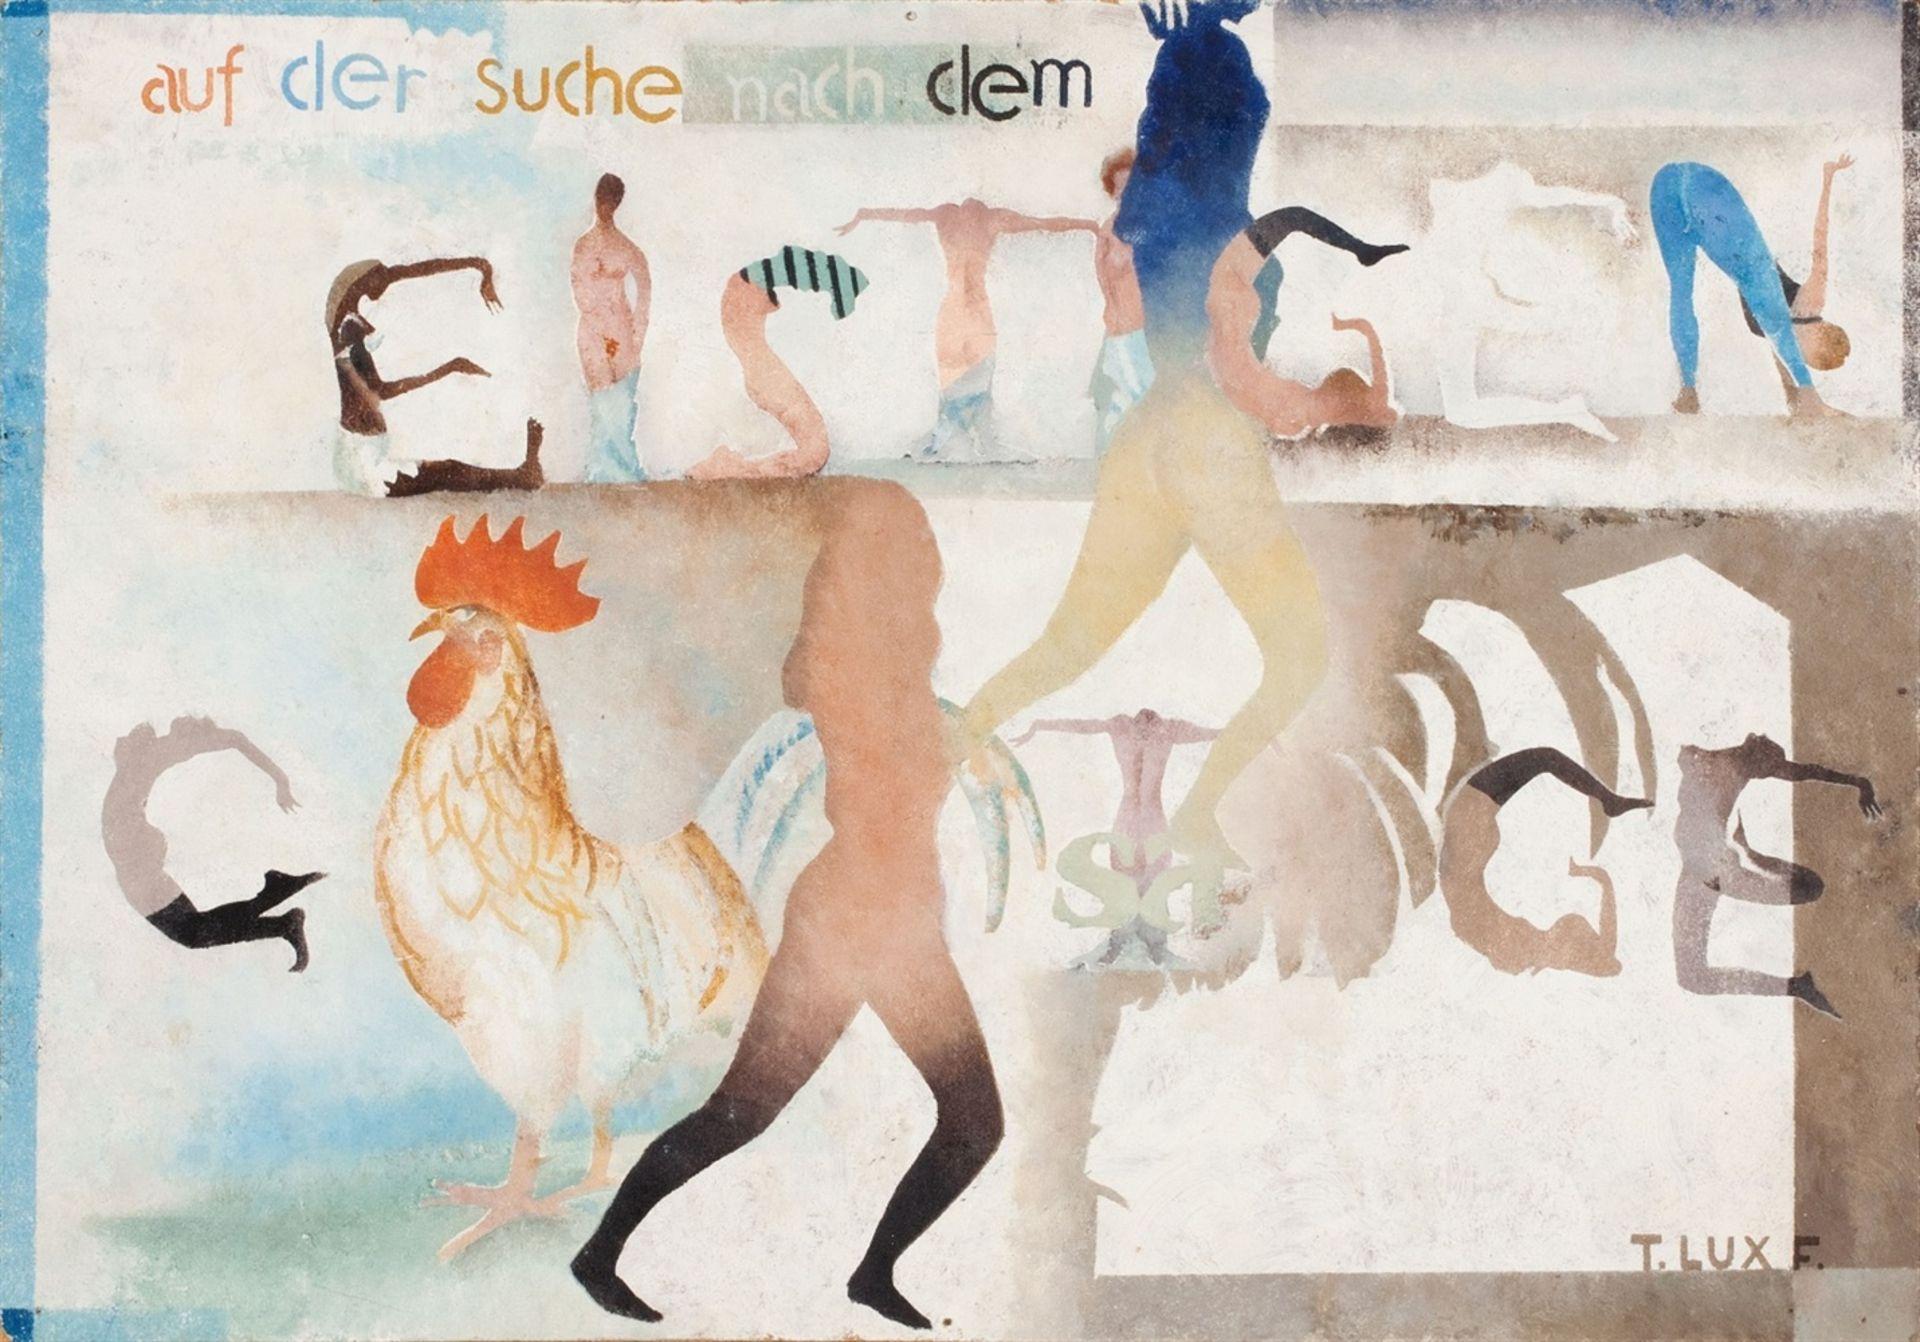 T. Lux FeiningerAuf der Suche nach dem Geistigen (Searching the Spiritual)